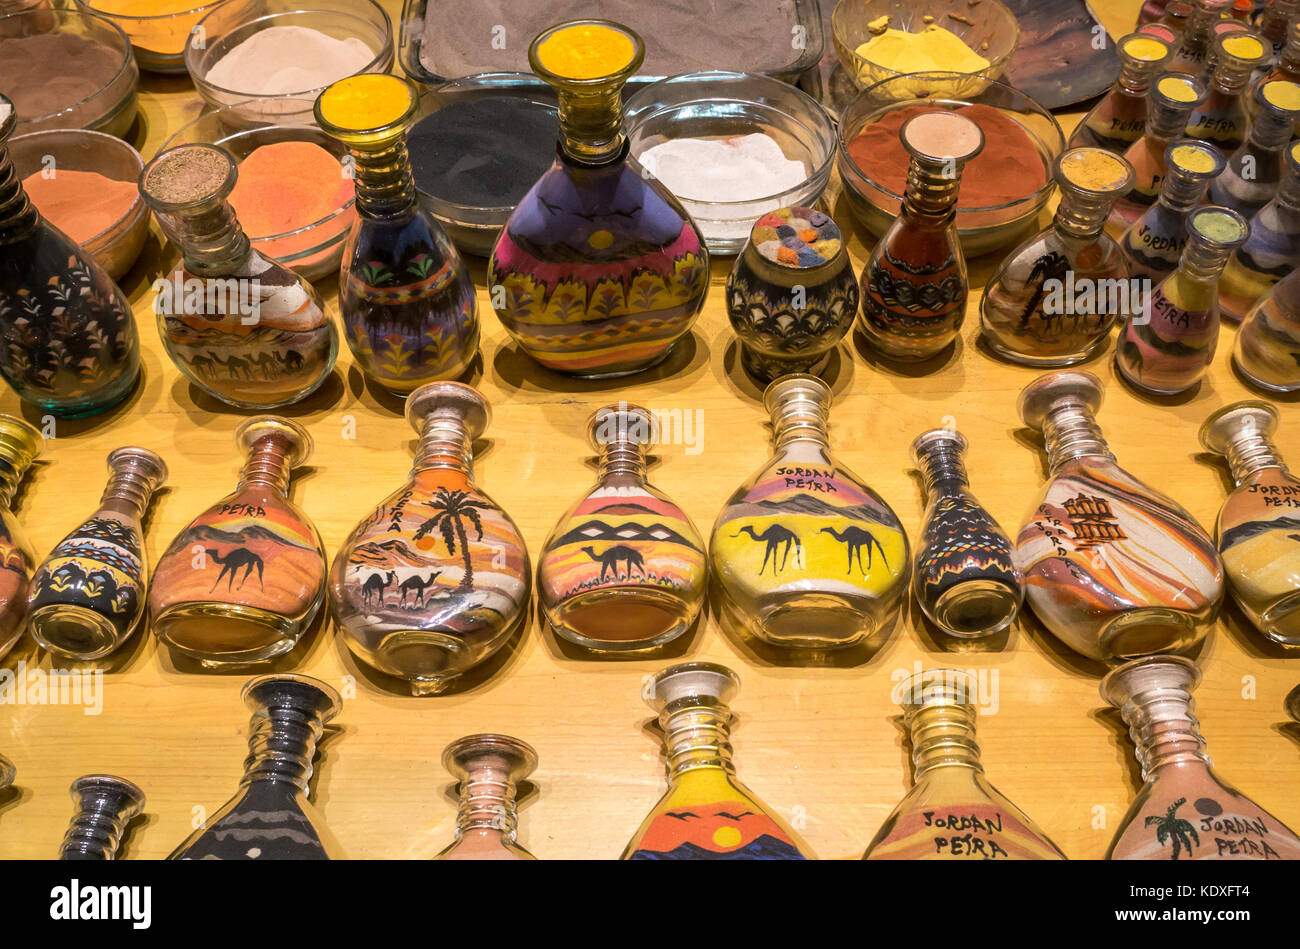 souvenirs petra jordan stockfotos souvenirs petra jordan. Black Bedroom Furniture Sets. Home Design Ideas